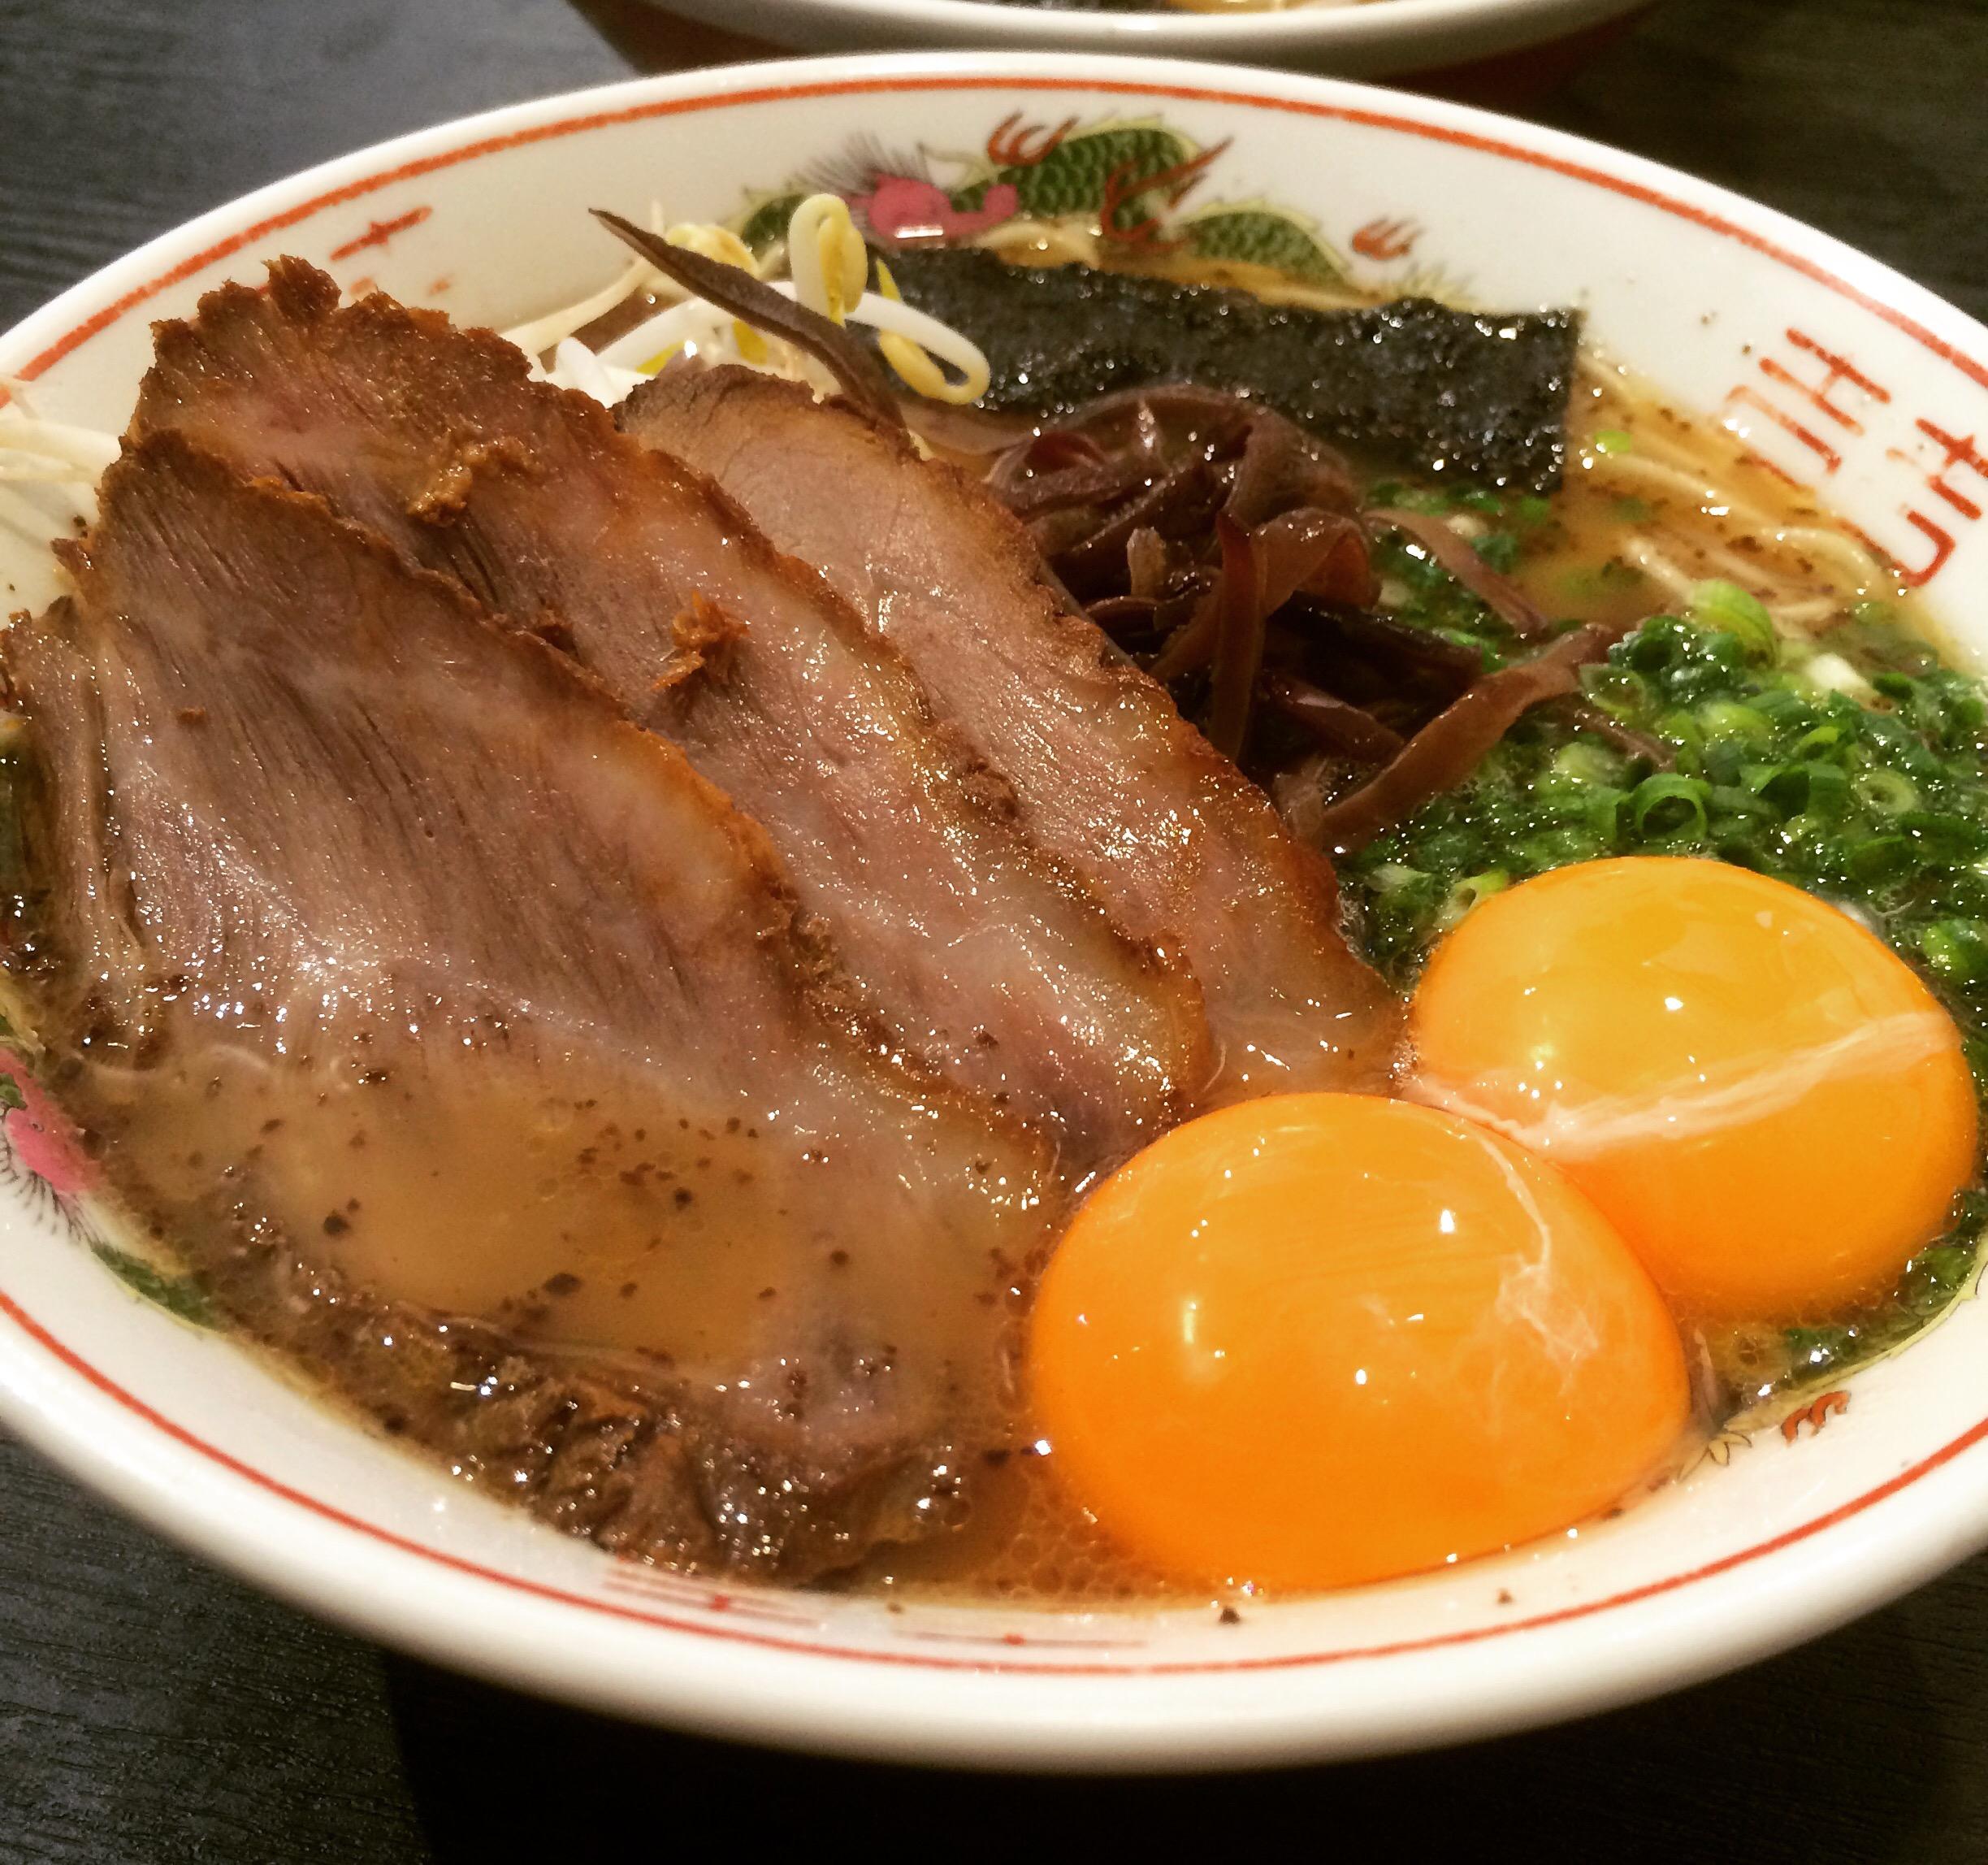 【黒亭ラーメン】熊本駅近く「まずい?」「美味しい?」行列必死!熊本ラーメン